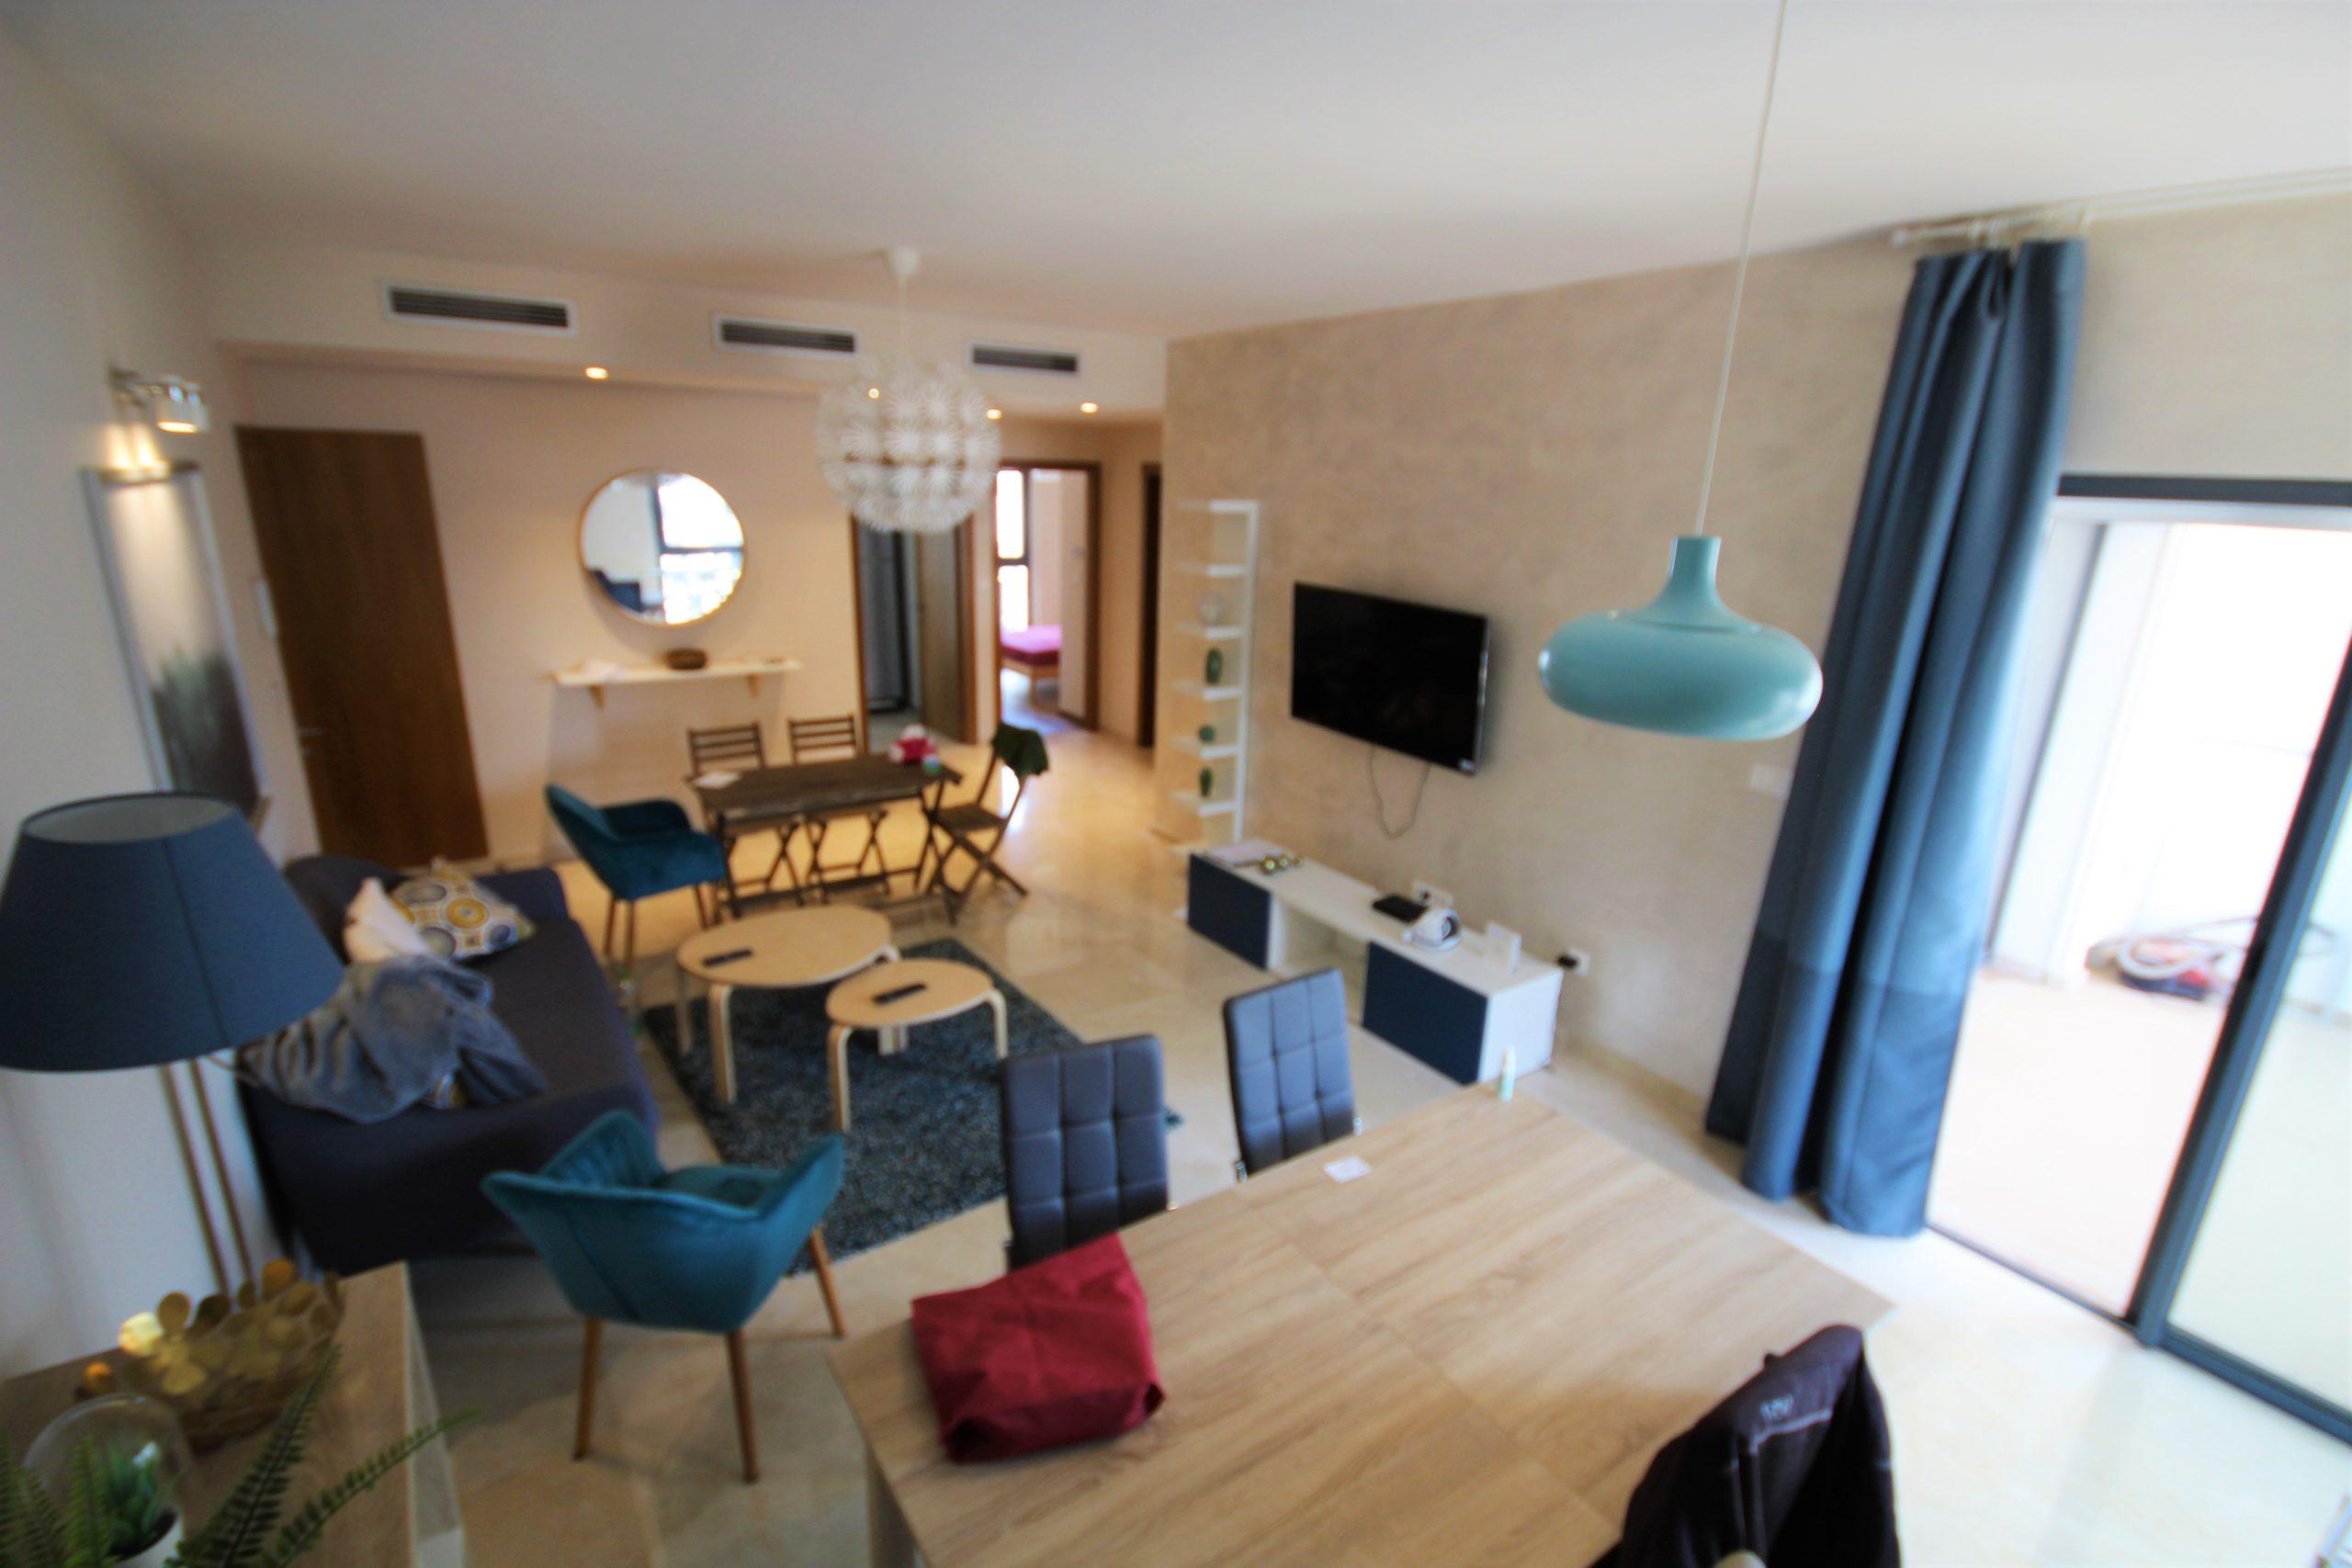 CASA, ANFA CITY, loue Luxueux appartement NEUF meublé deux chambres avec Terrasse